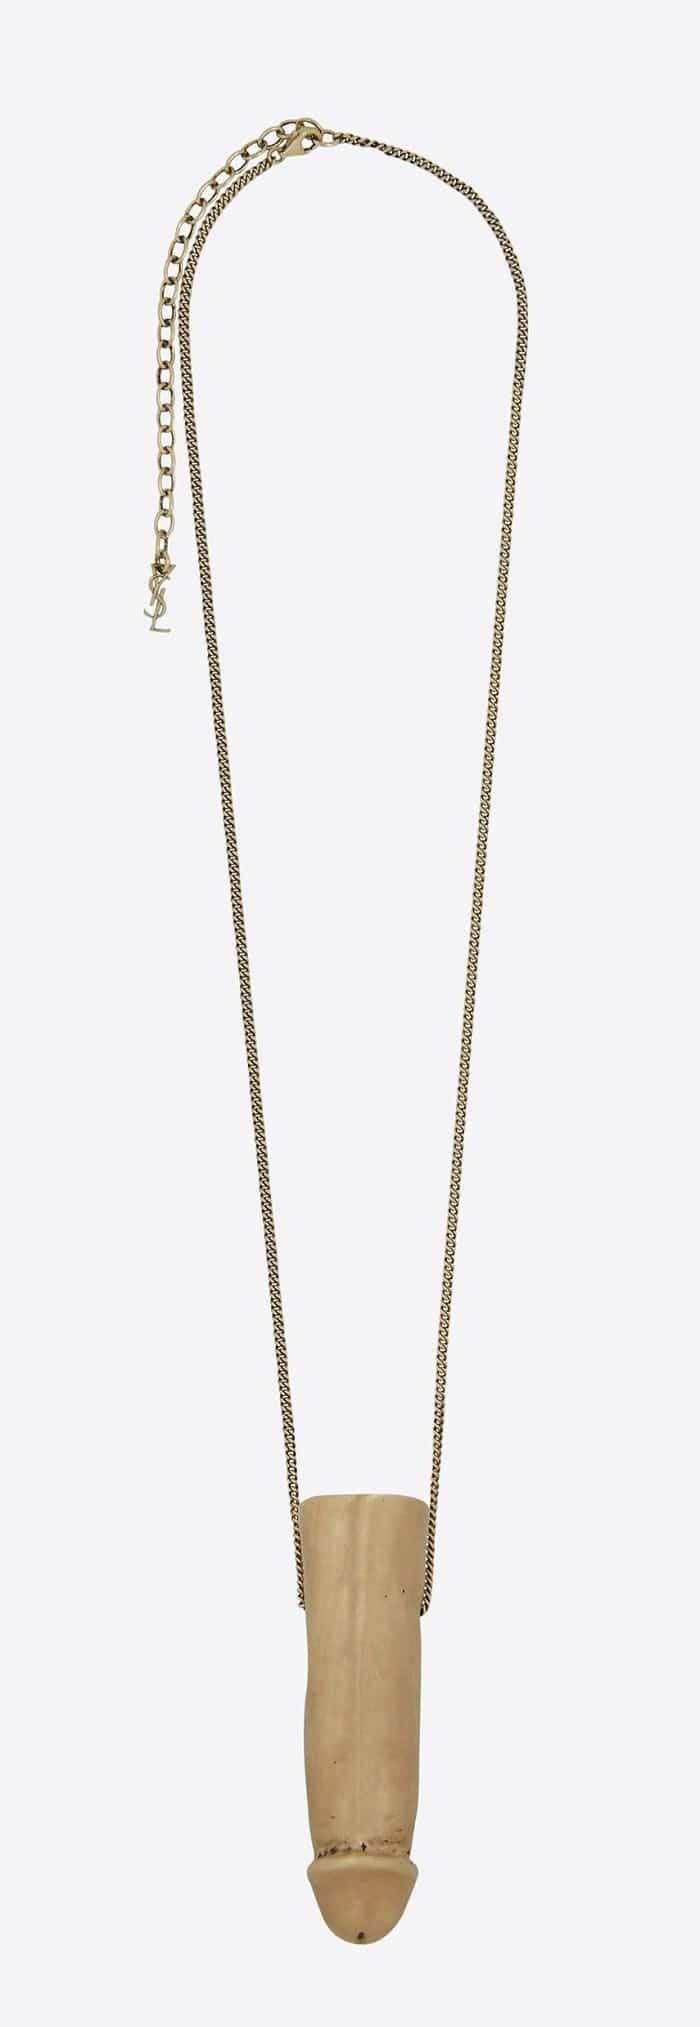 économies fantastiques économies fantastiques conception adroite Classe ! Yves Saint Laurent crée des bijoux en forme de....pénis